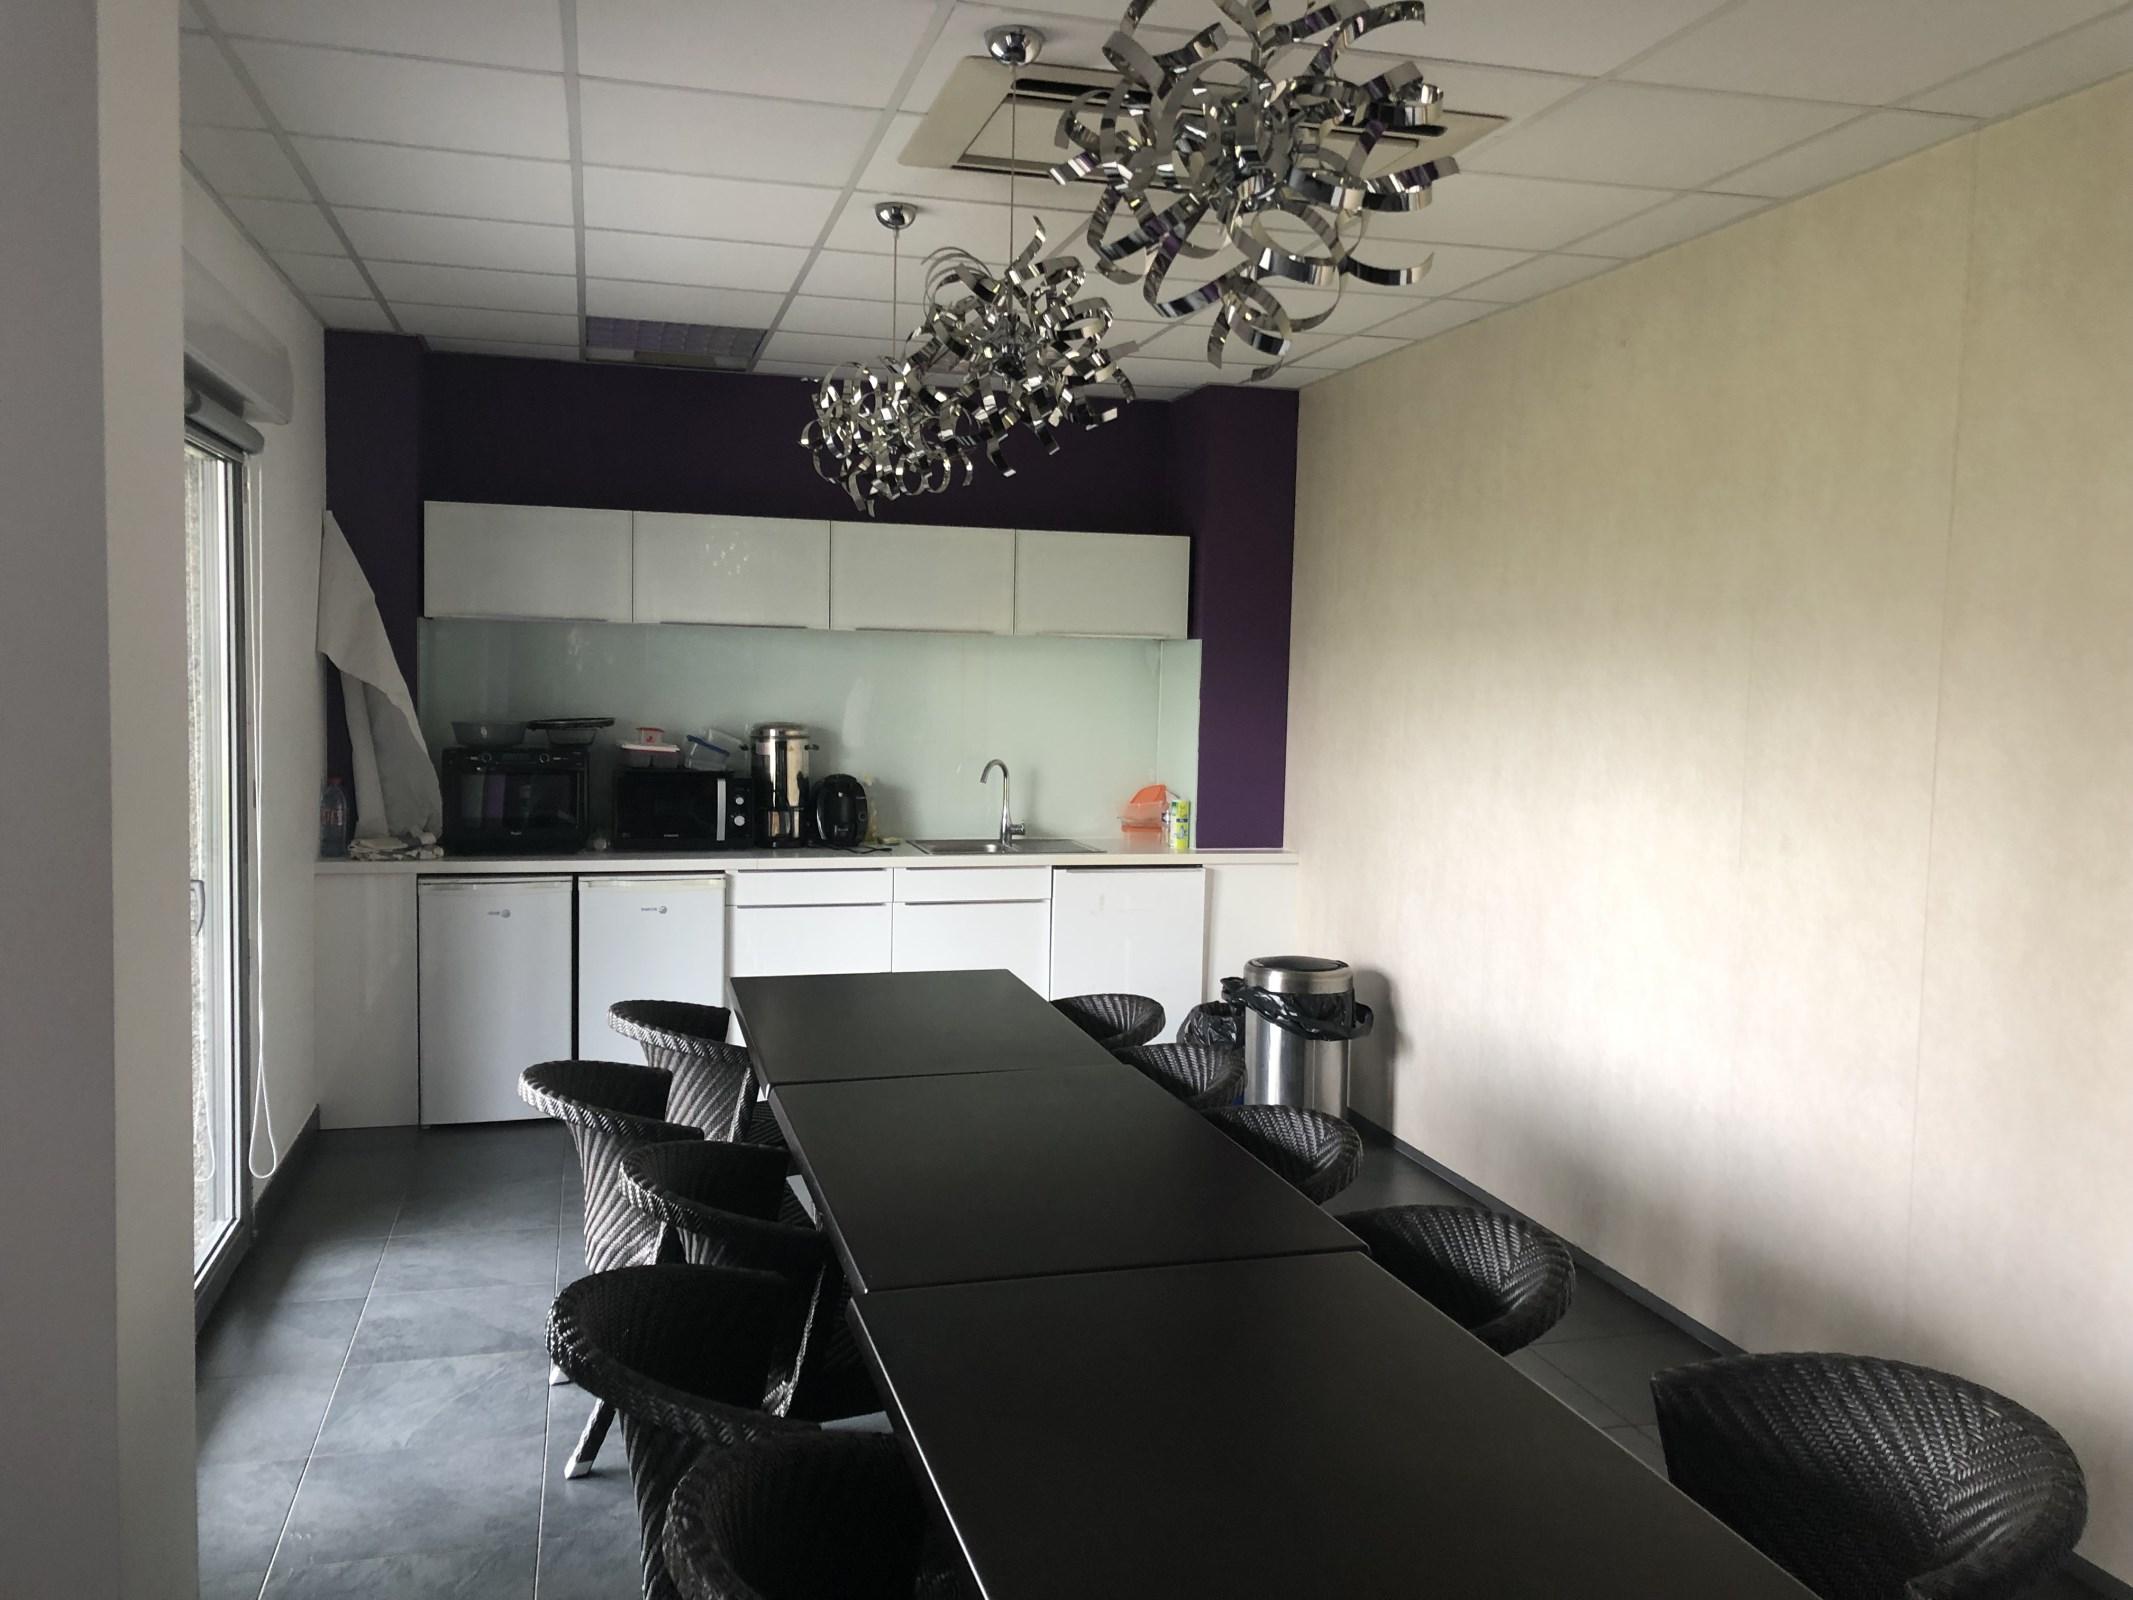 Cours De Cuisine Henin Beaumont bureaux à vendre henin beaumont (62110) surface : 820 m2 réf